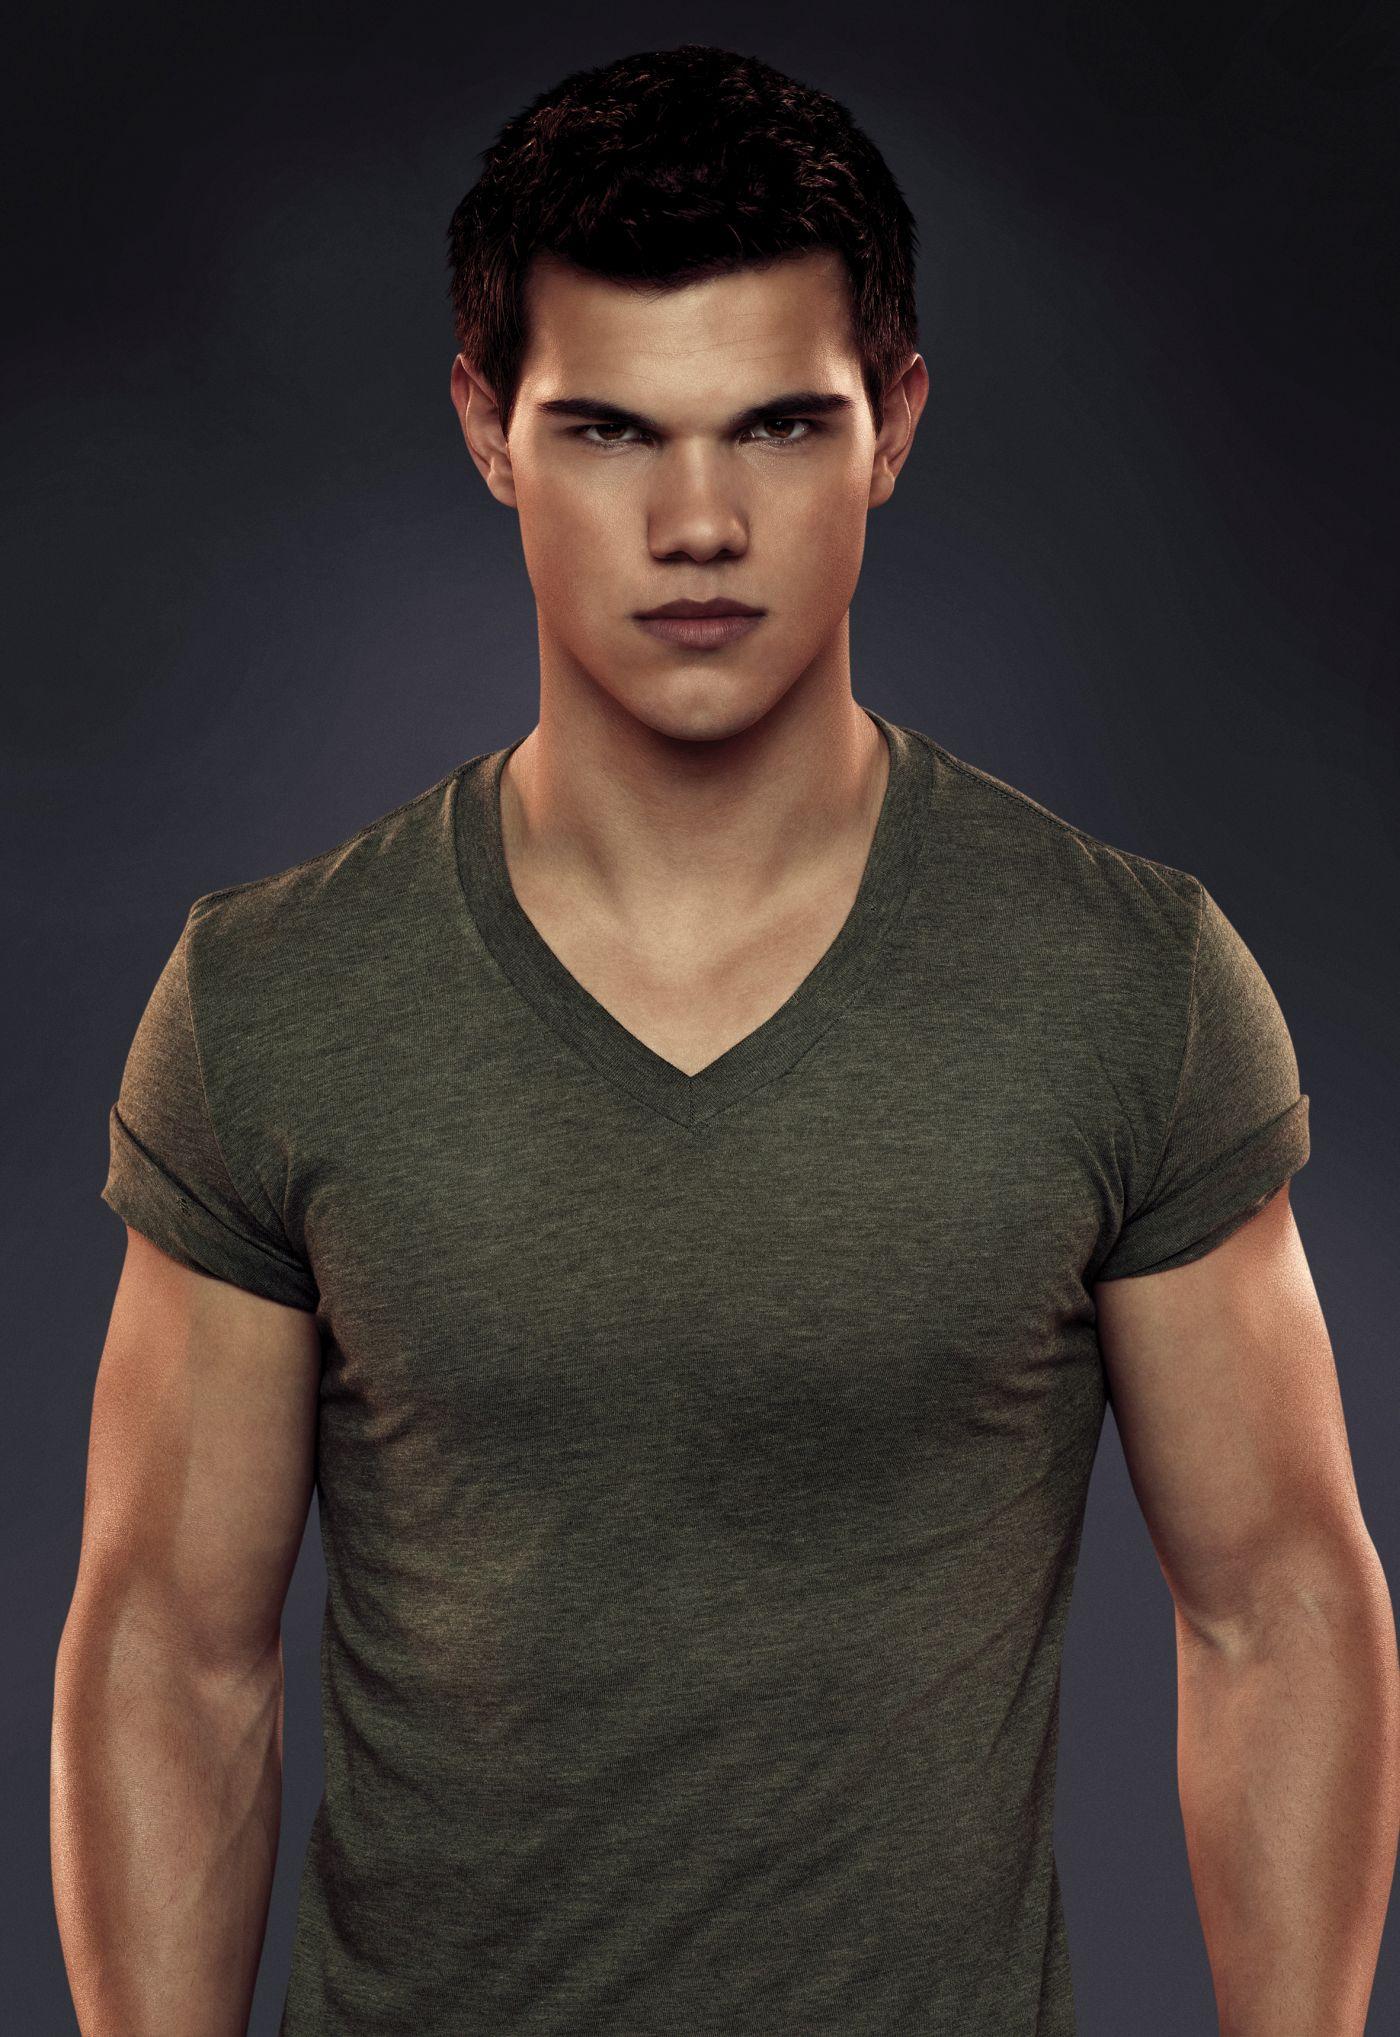 Taylor Lautner HD pics